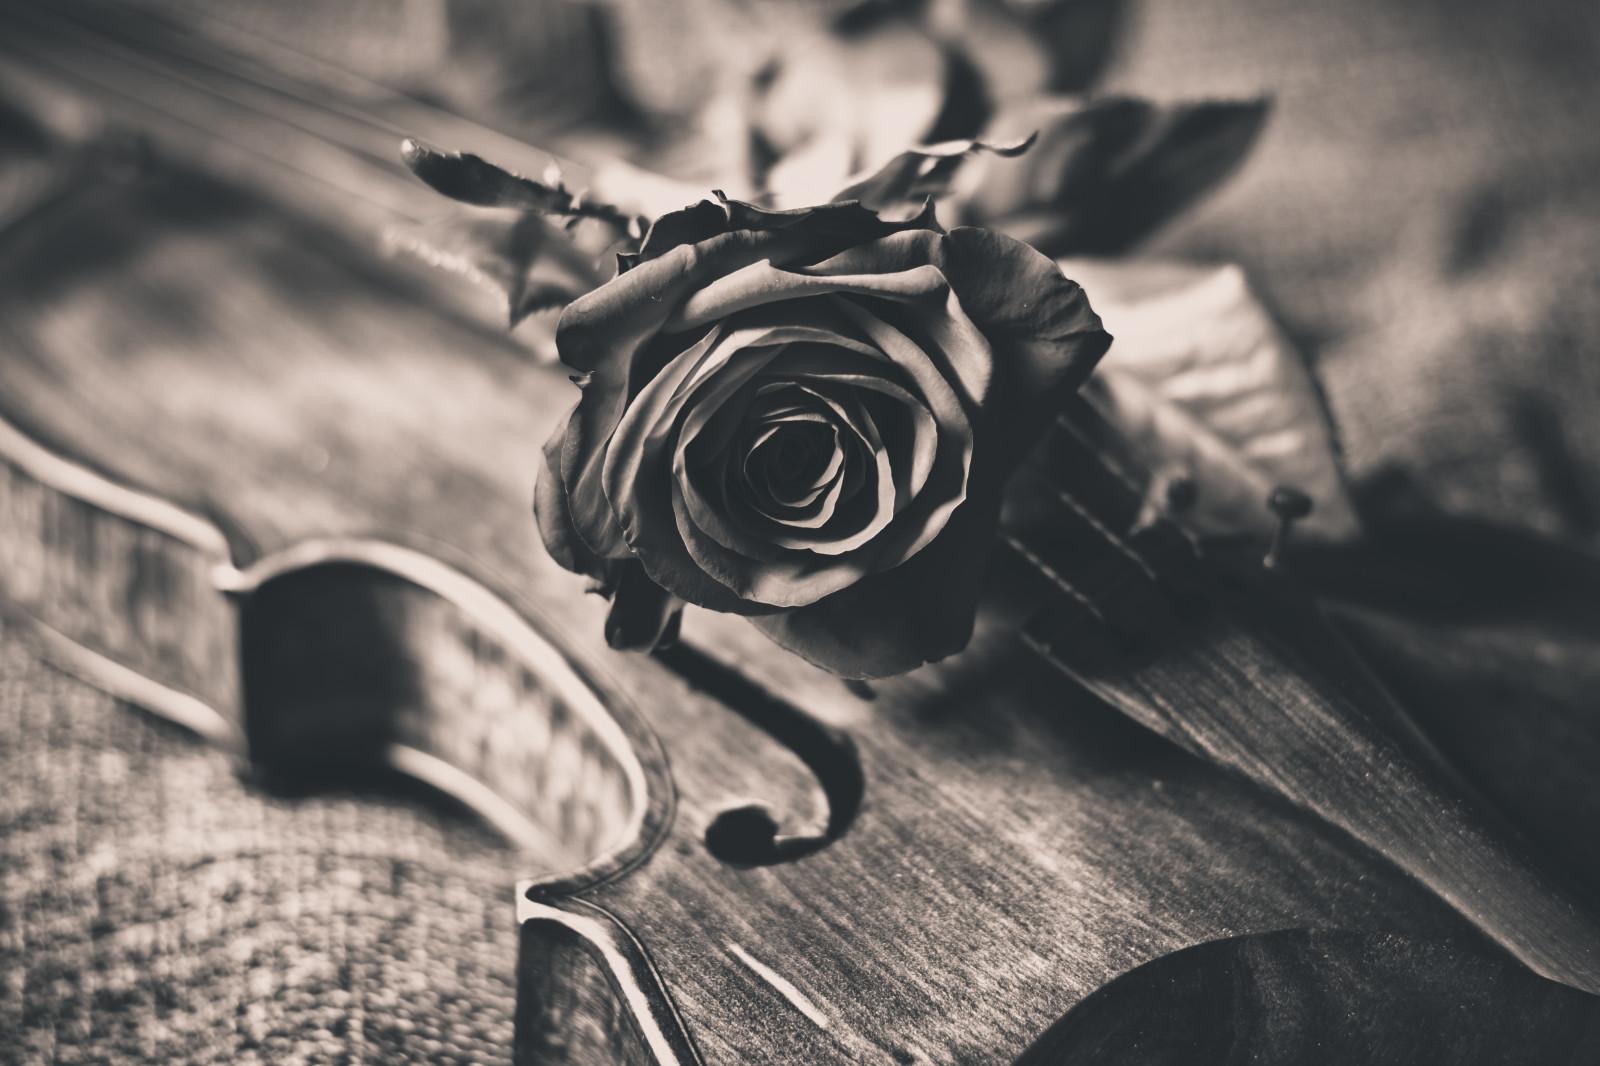 hintergrundbilder rosen schwarz und wei bw flores blume rose nikon dof rosa geige. Black Bedroom Furniture Sets. Home Design Ideas